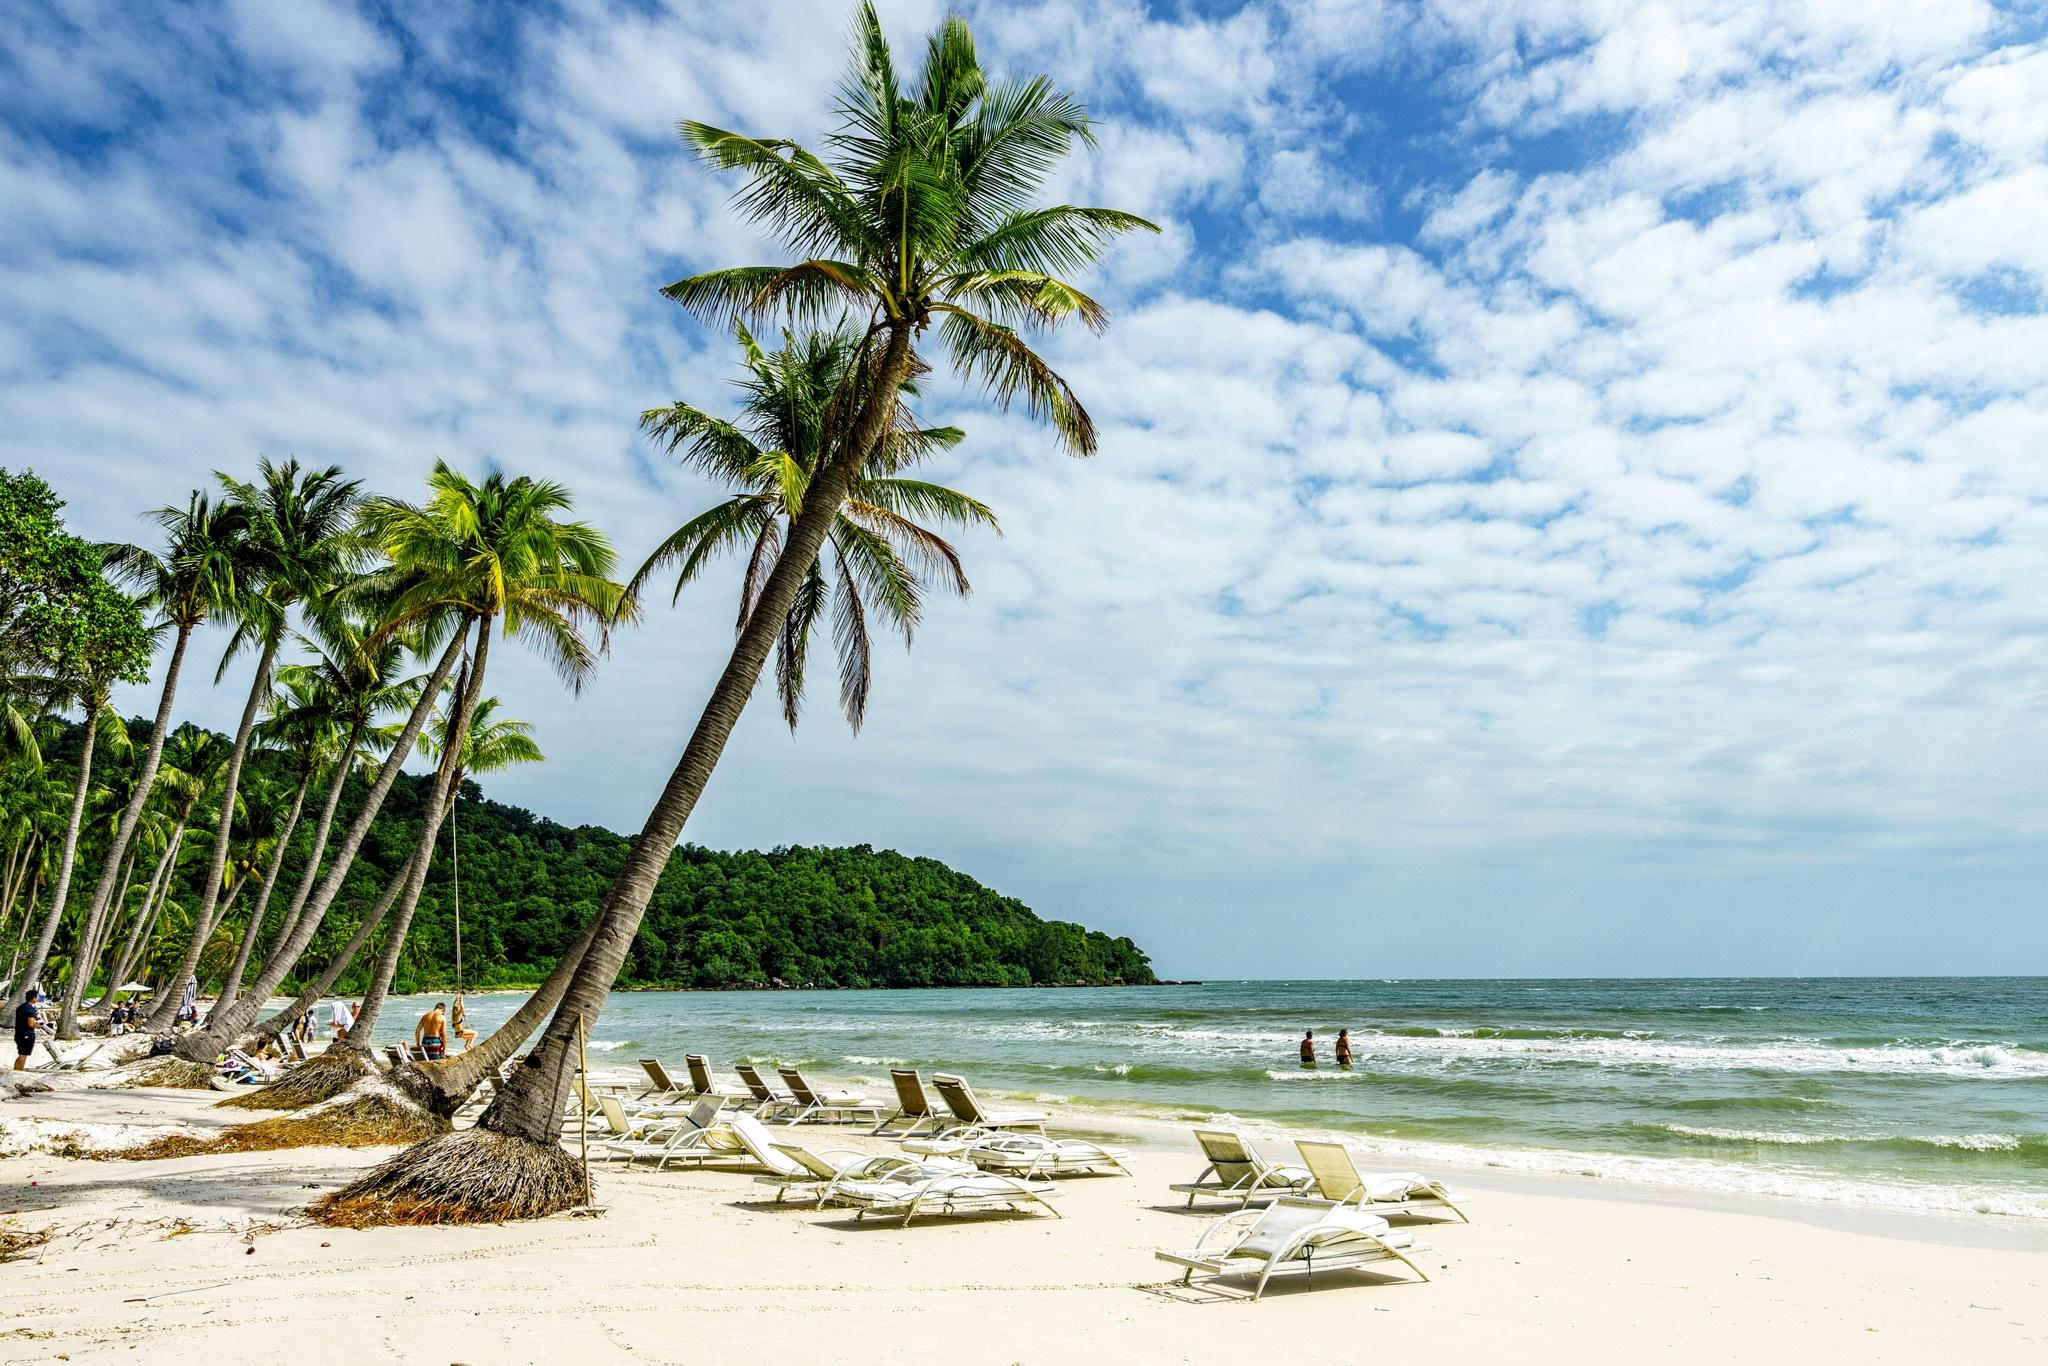 Chu du biển đảo Phú Quốc, ngắm vẻ đẹp giao hòa của tự nhiên - Ảnh 7.